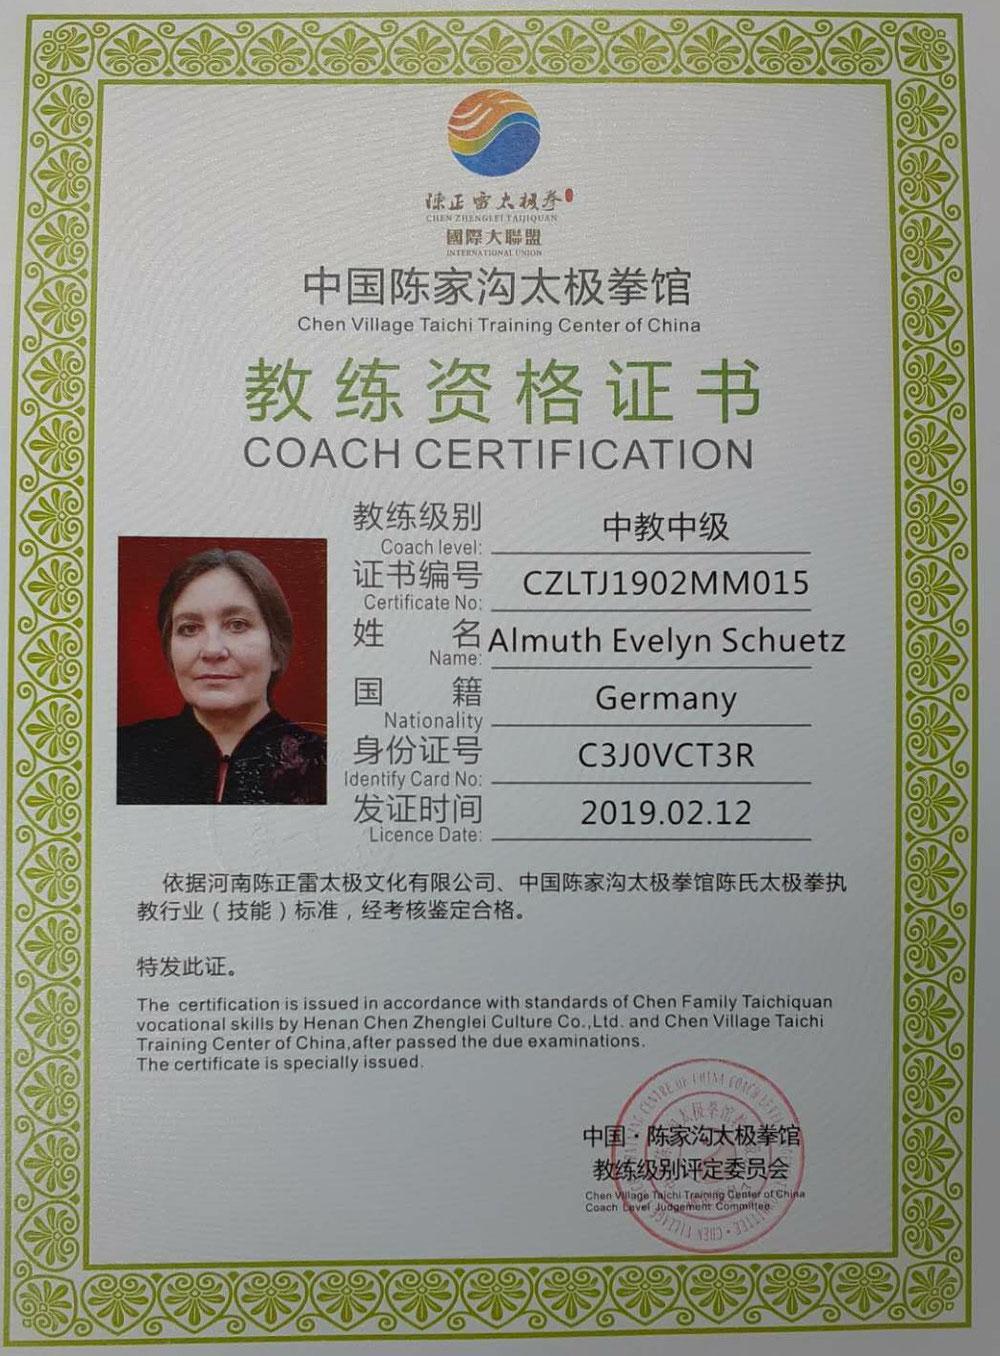 CZL Lehrer-Zeetifizierung, Stufe 5 von 9 ist im chinesischen System schon ziemlich gut ( siehe Ausbildungssystem)